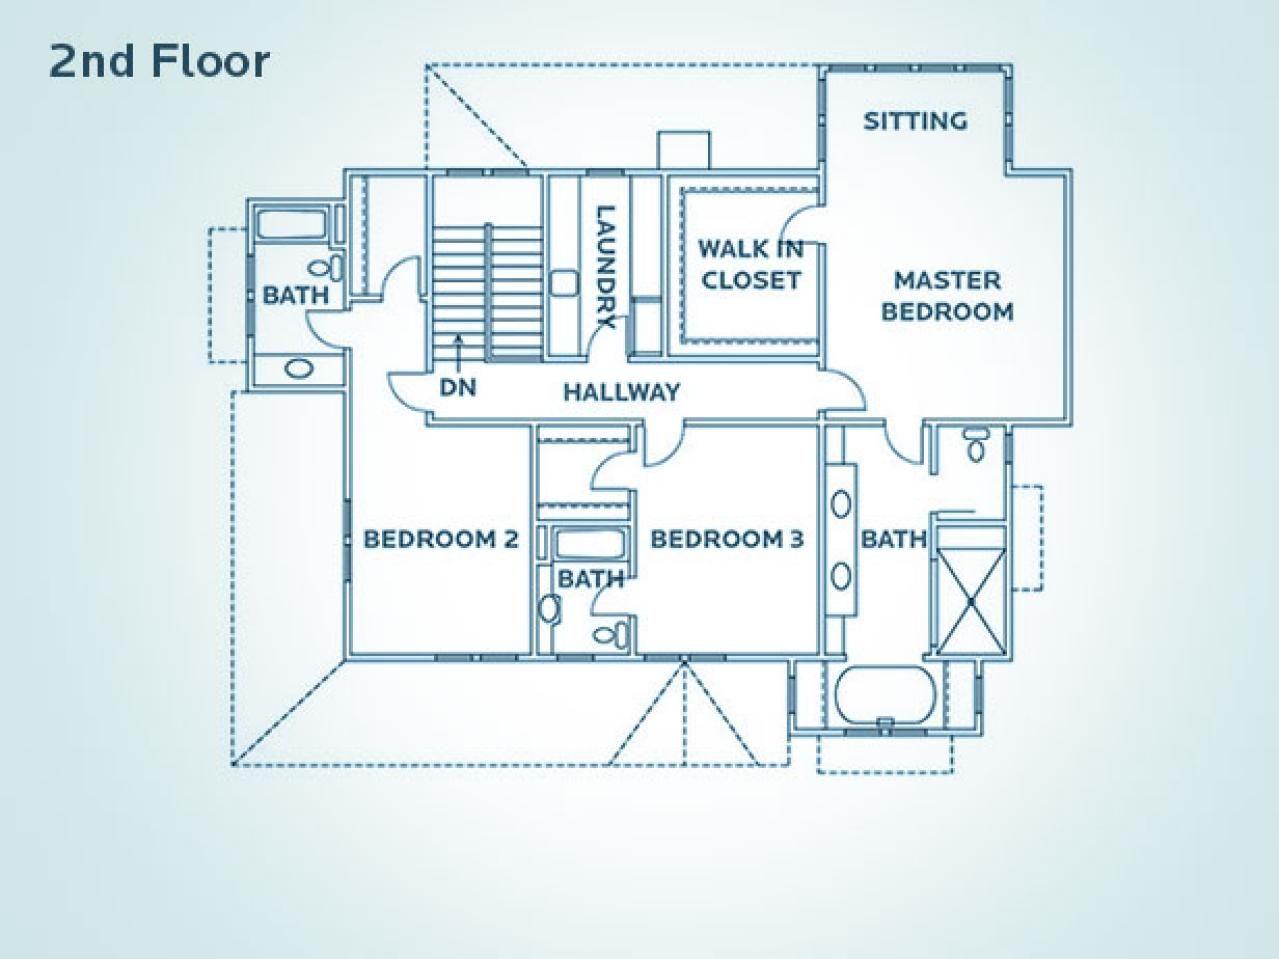 Floor Plan for HGTV Dream Home 2009 House floor plans